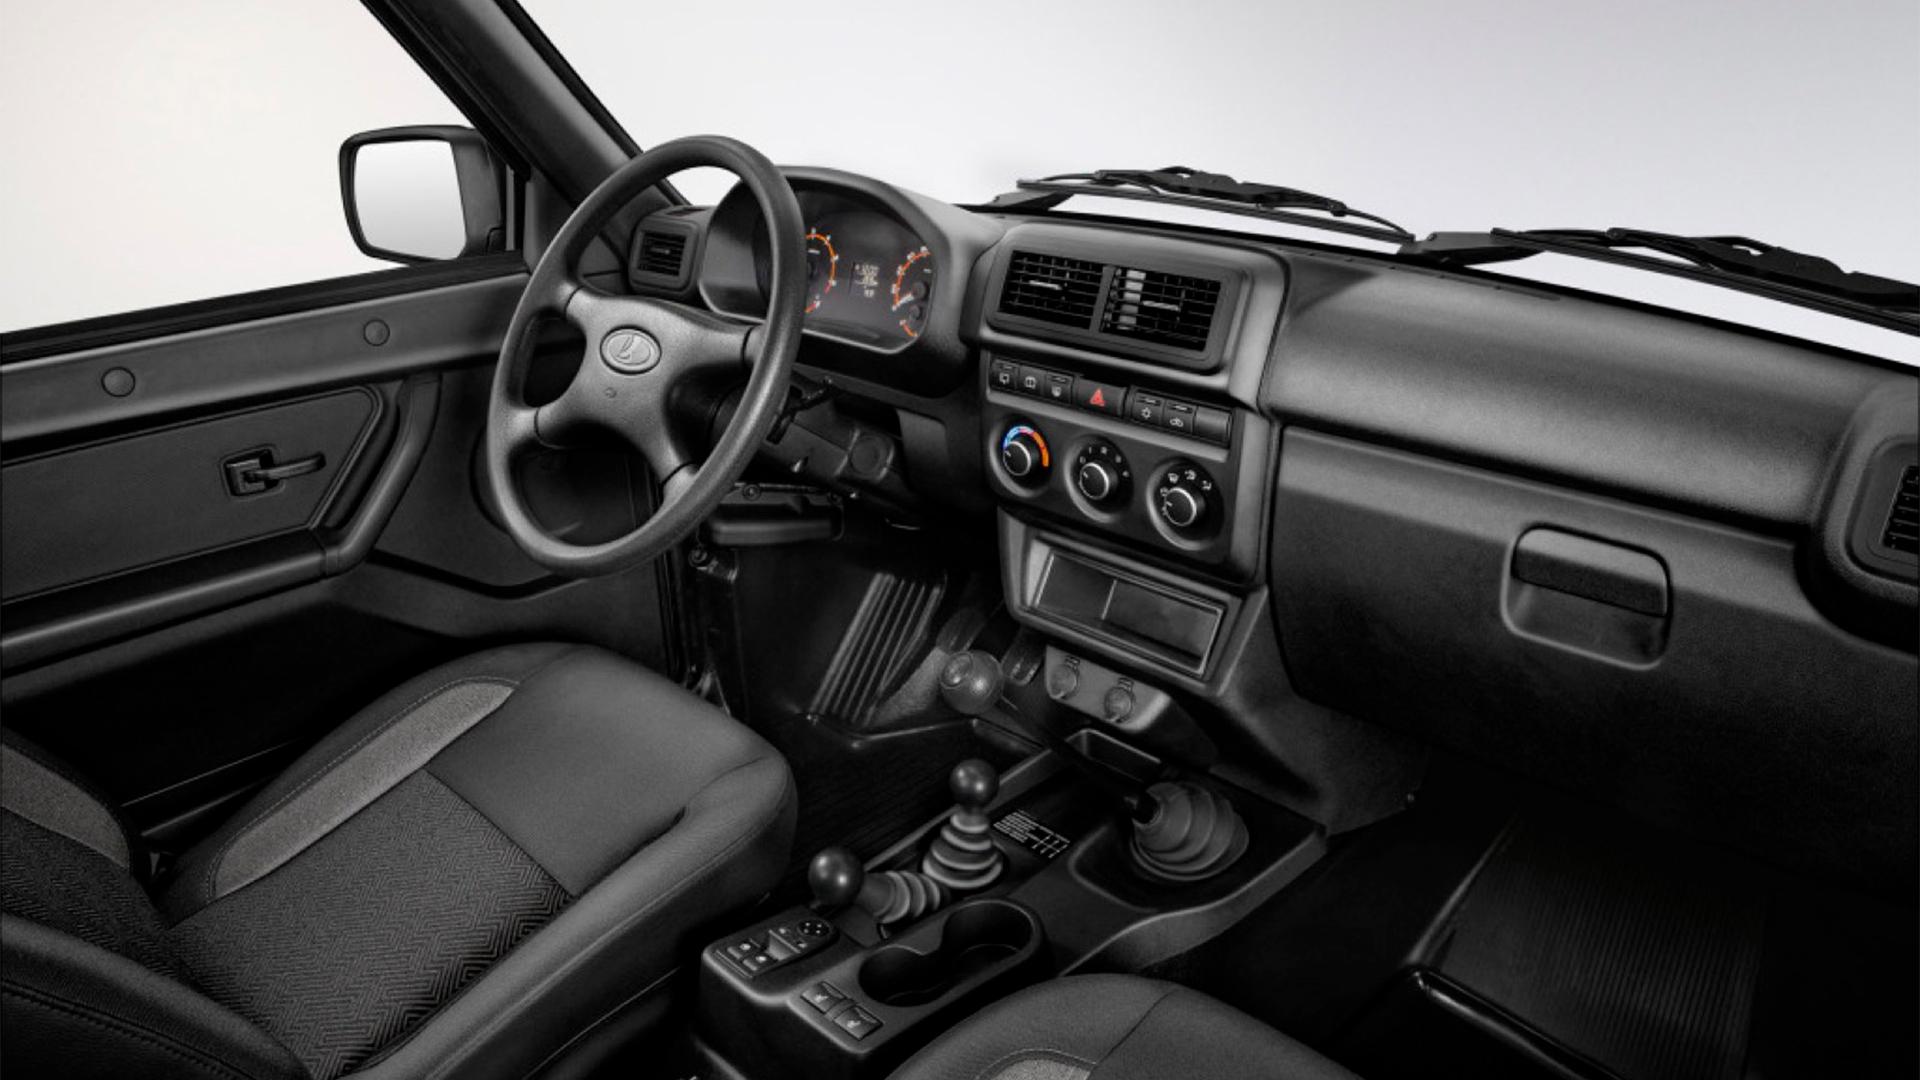 Lada Niva Bronto 2021 interior